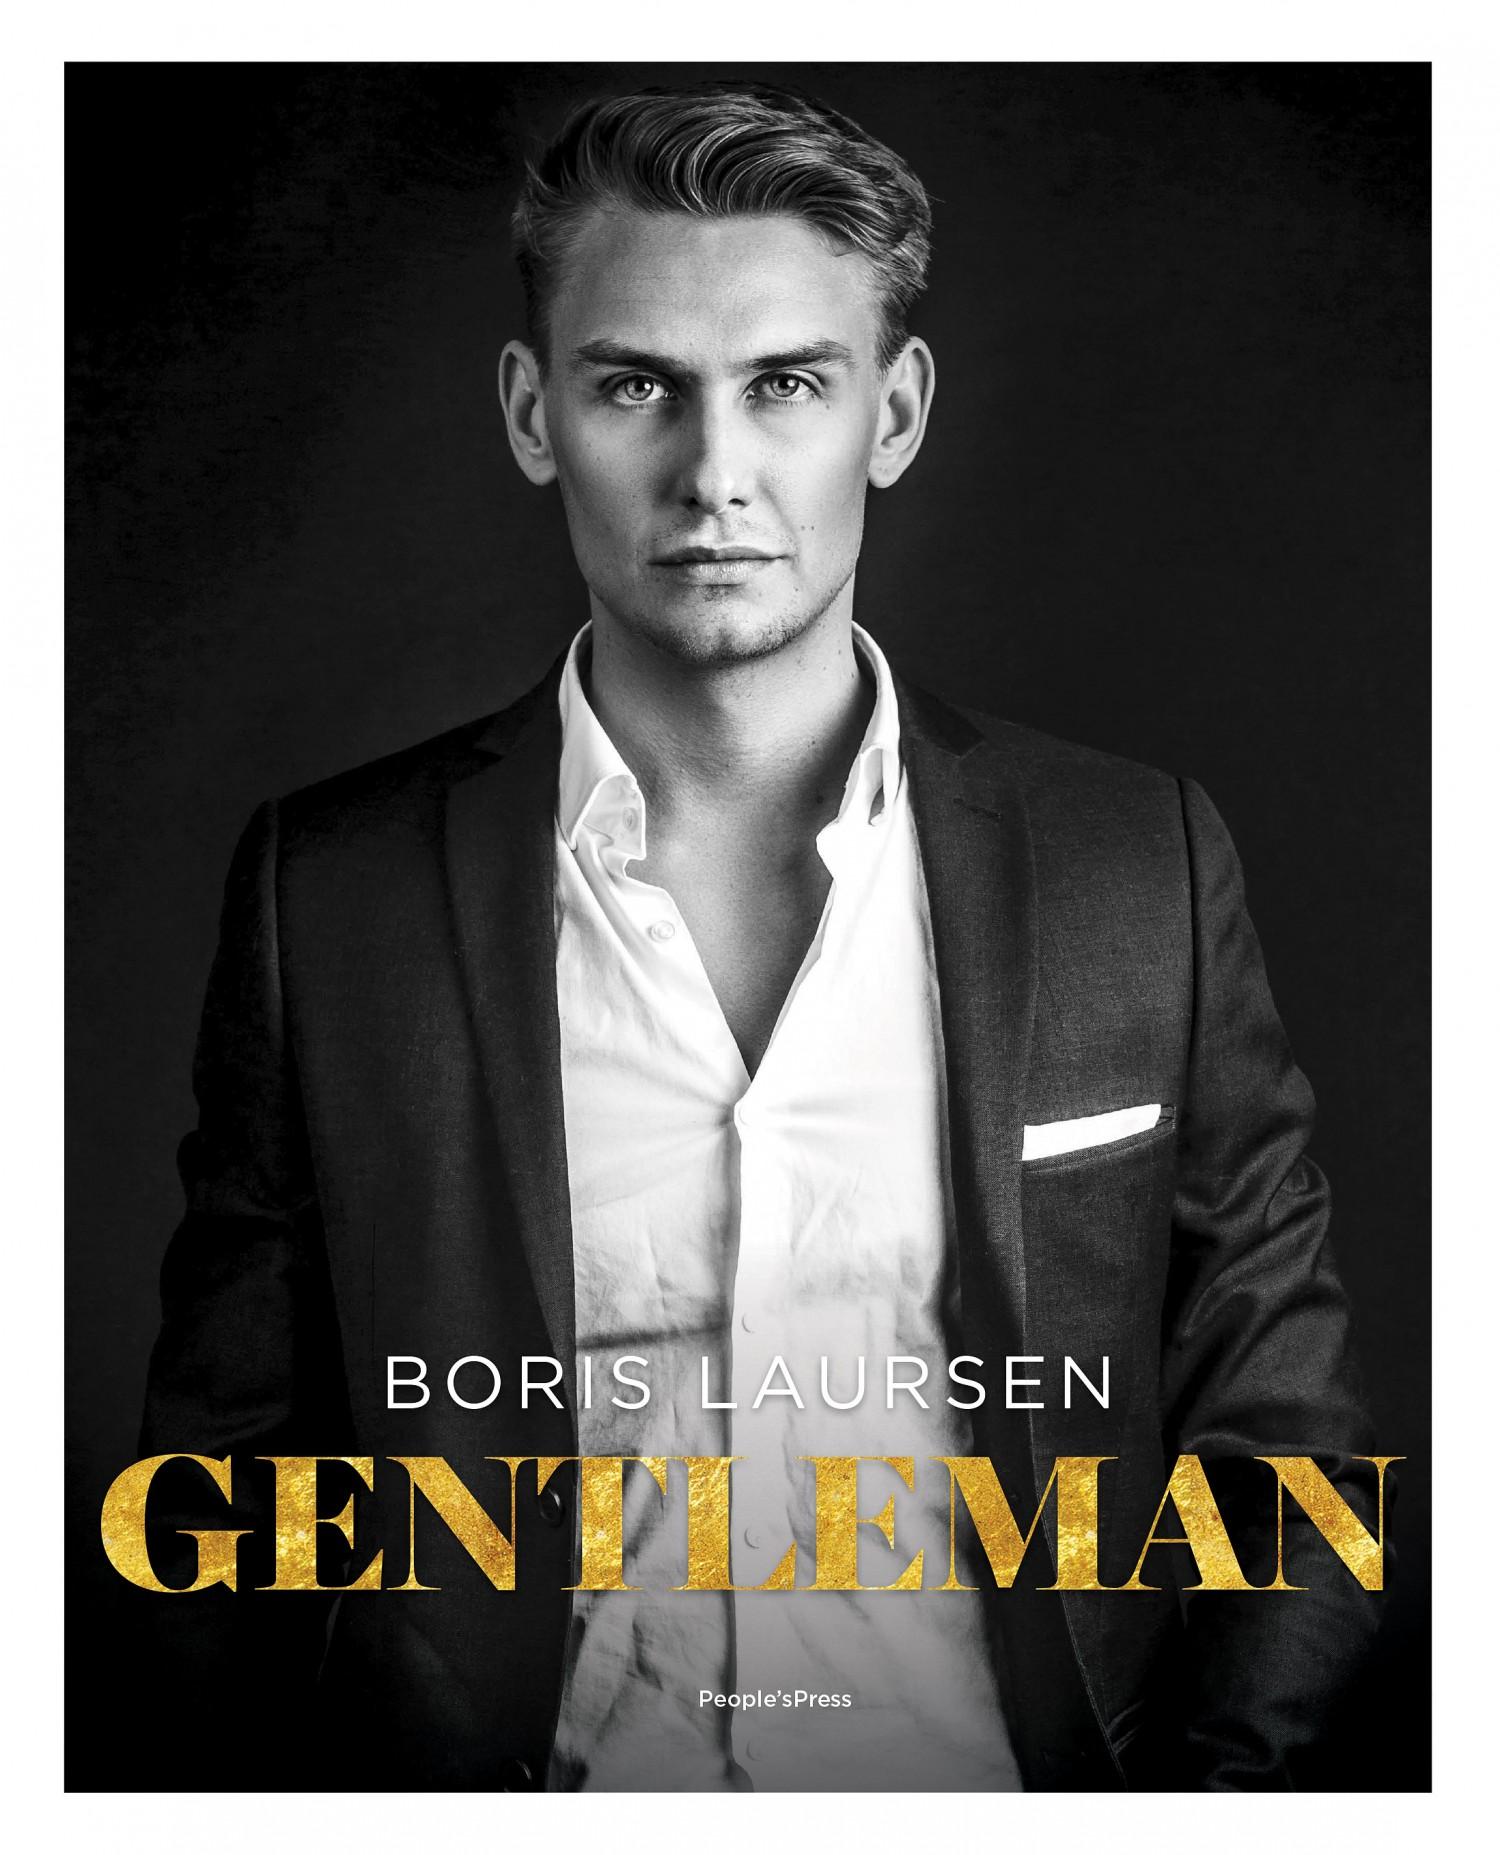 gentleman-2